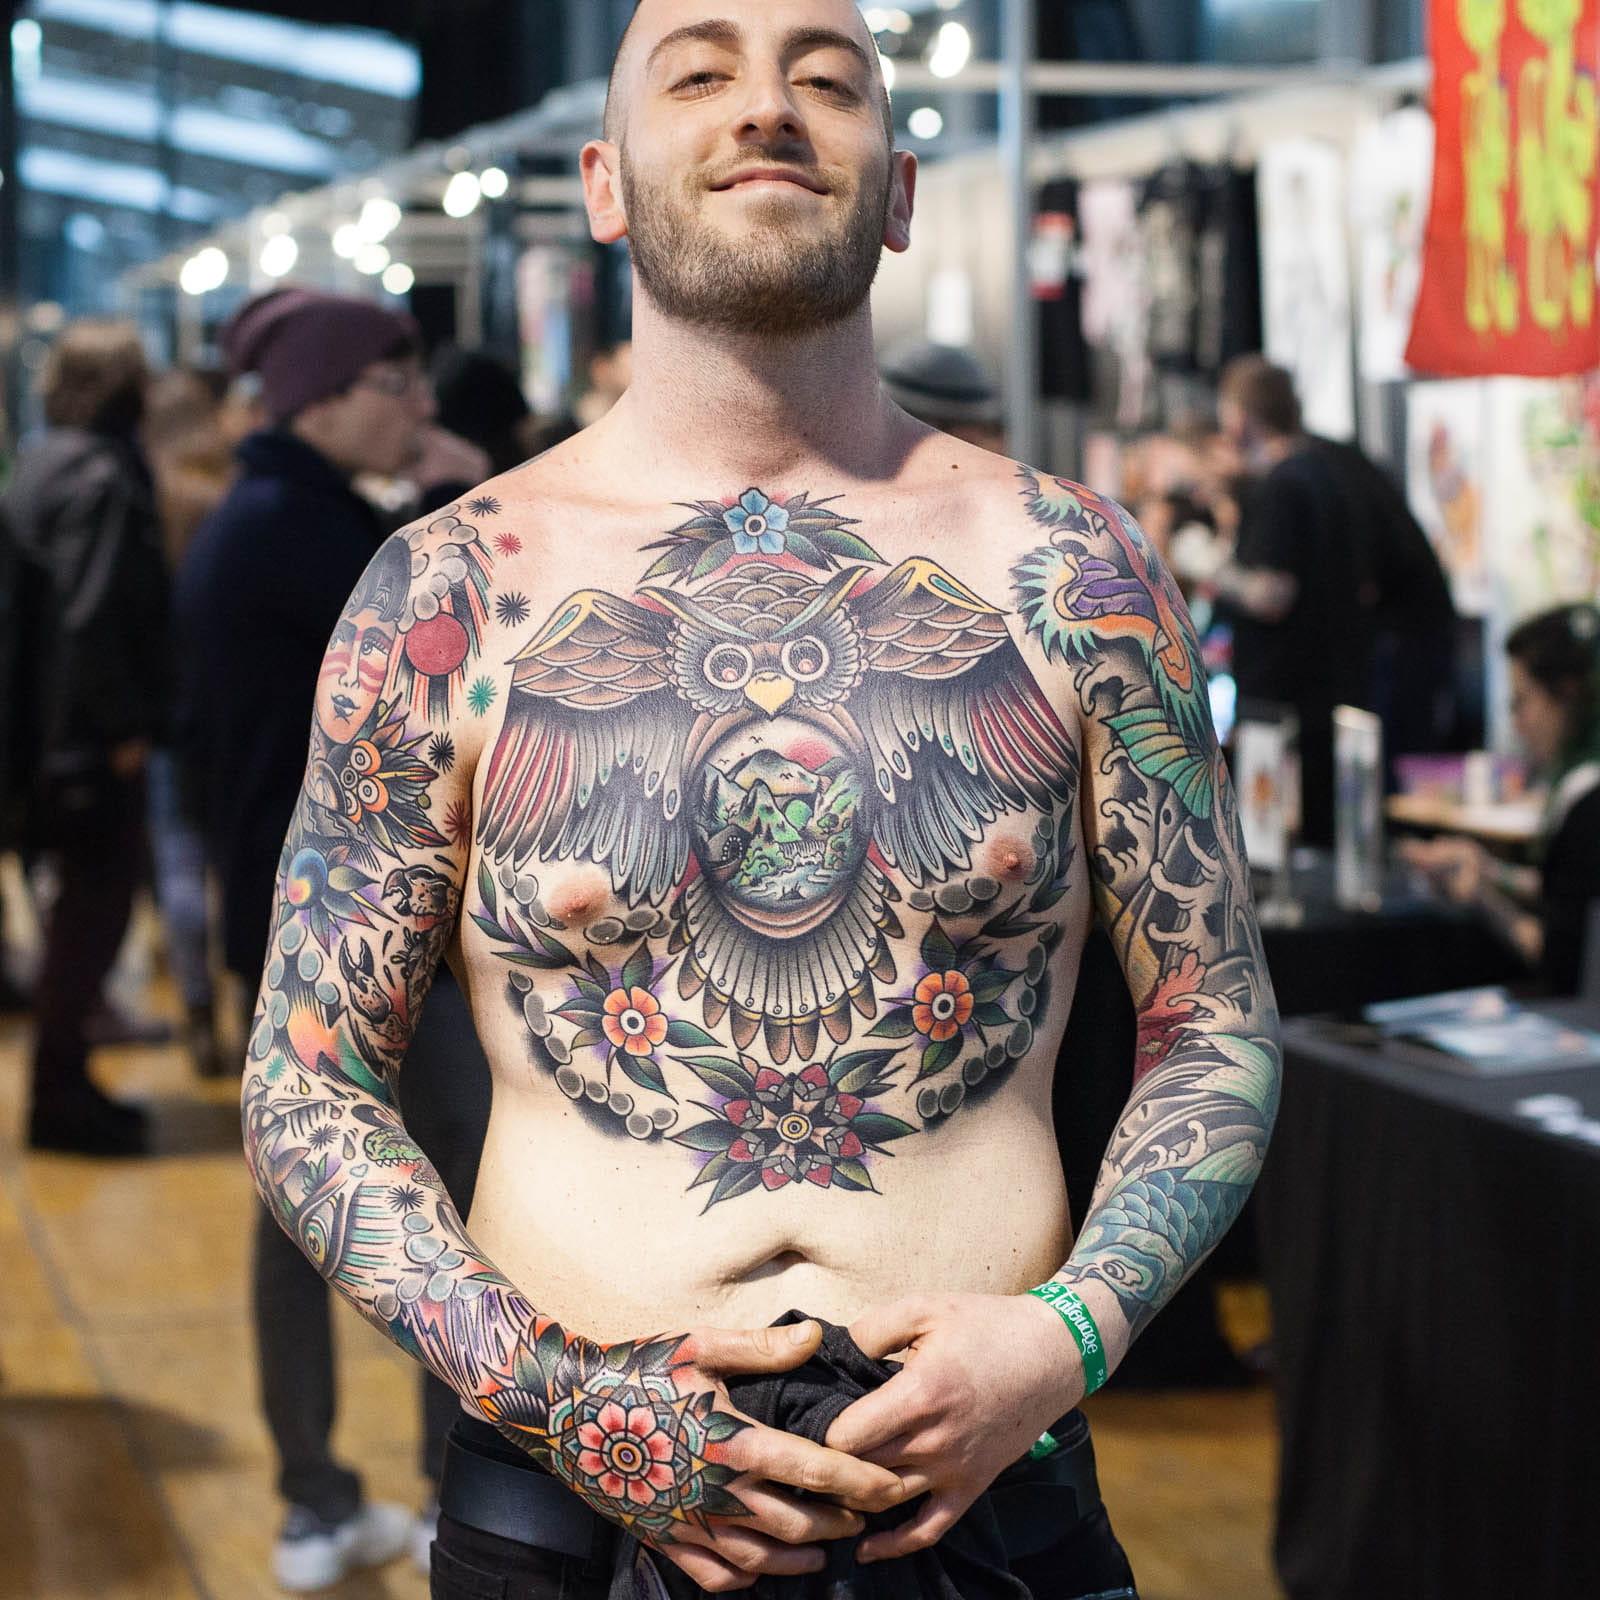 salon mondial du tatouage notre galerie de portraits mondial du tatouage de superbes. Black Bedroom Furniture Sets. Home Design Ideas